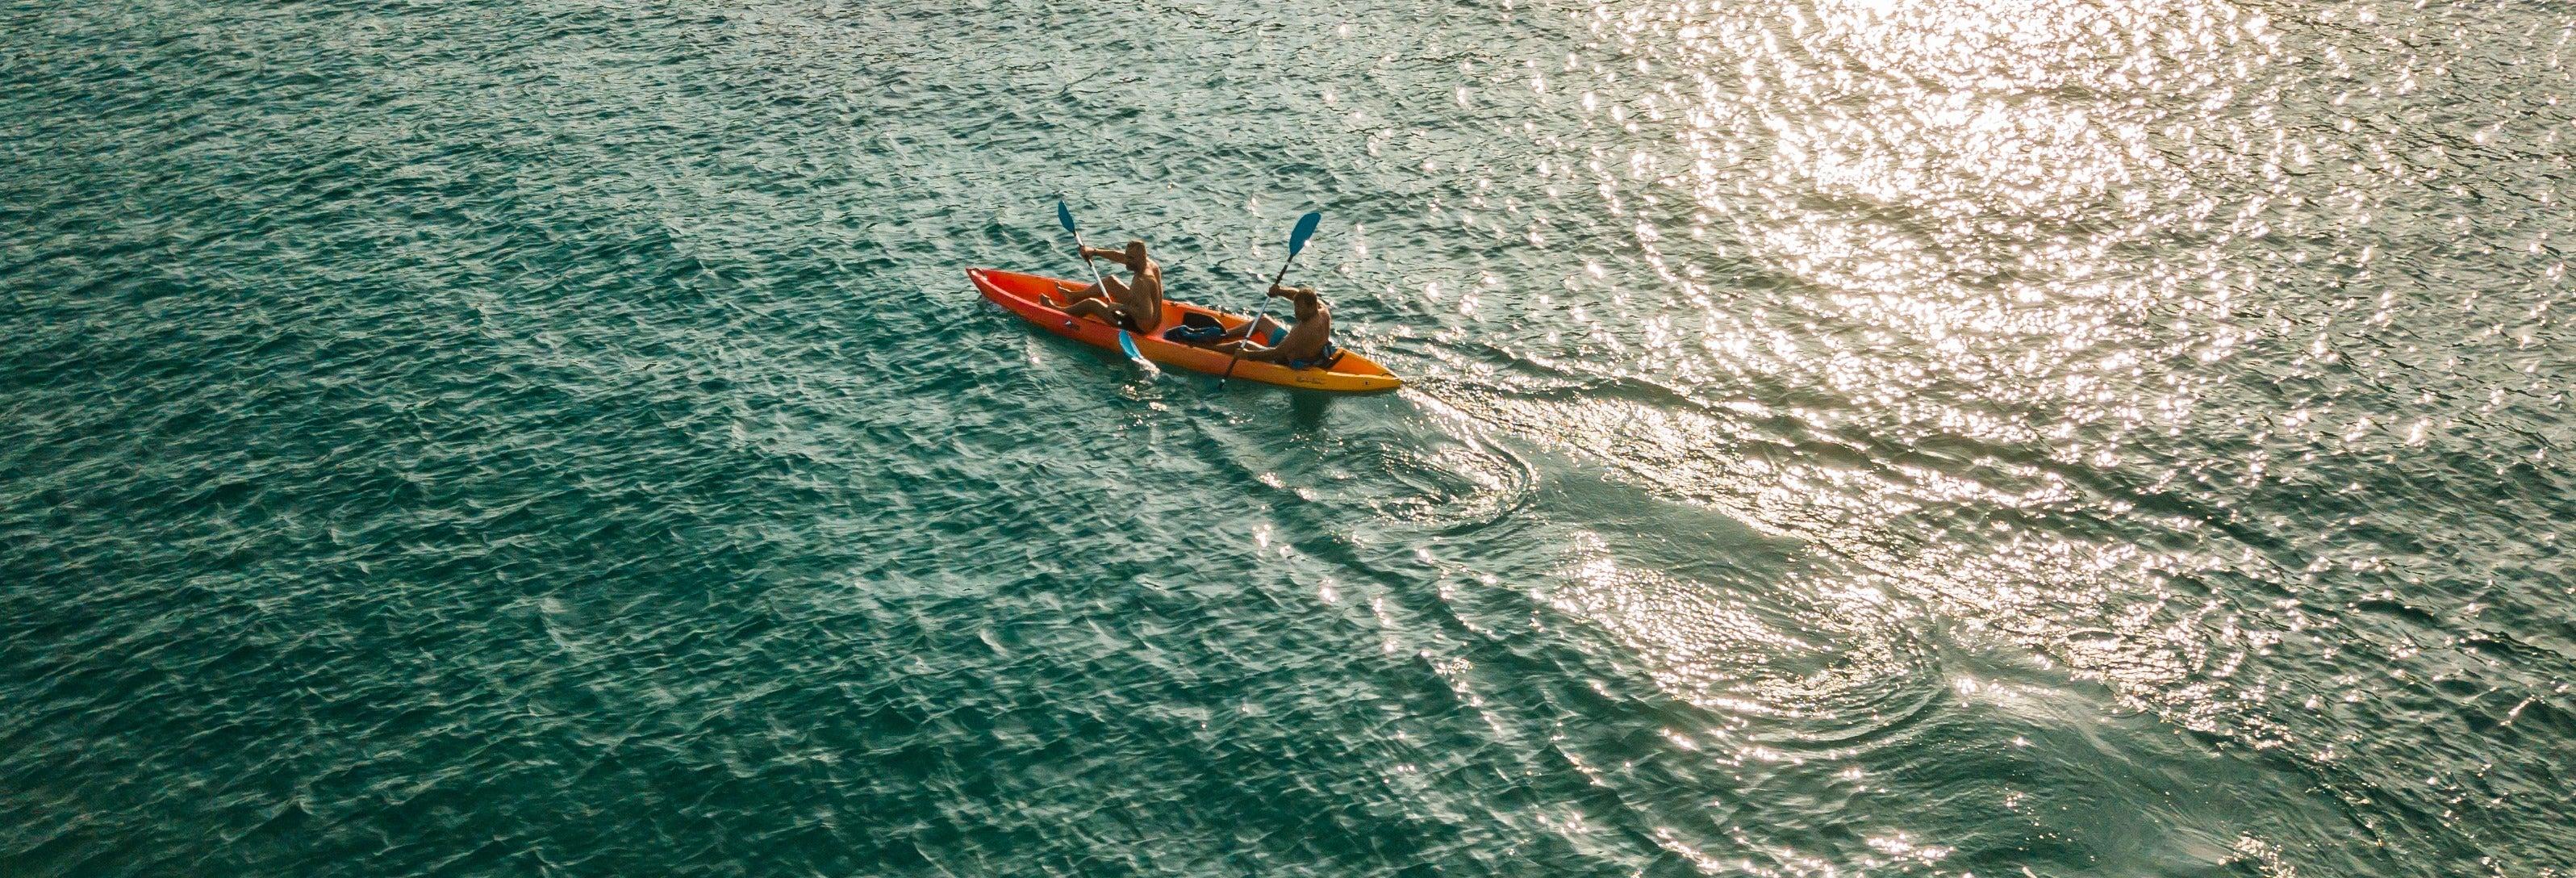 Noleggio kayak a Mykonos